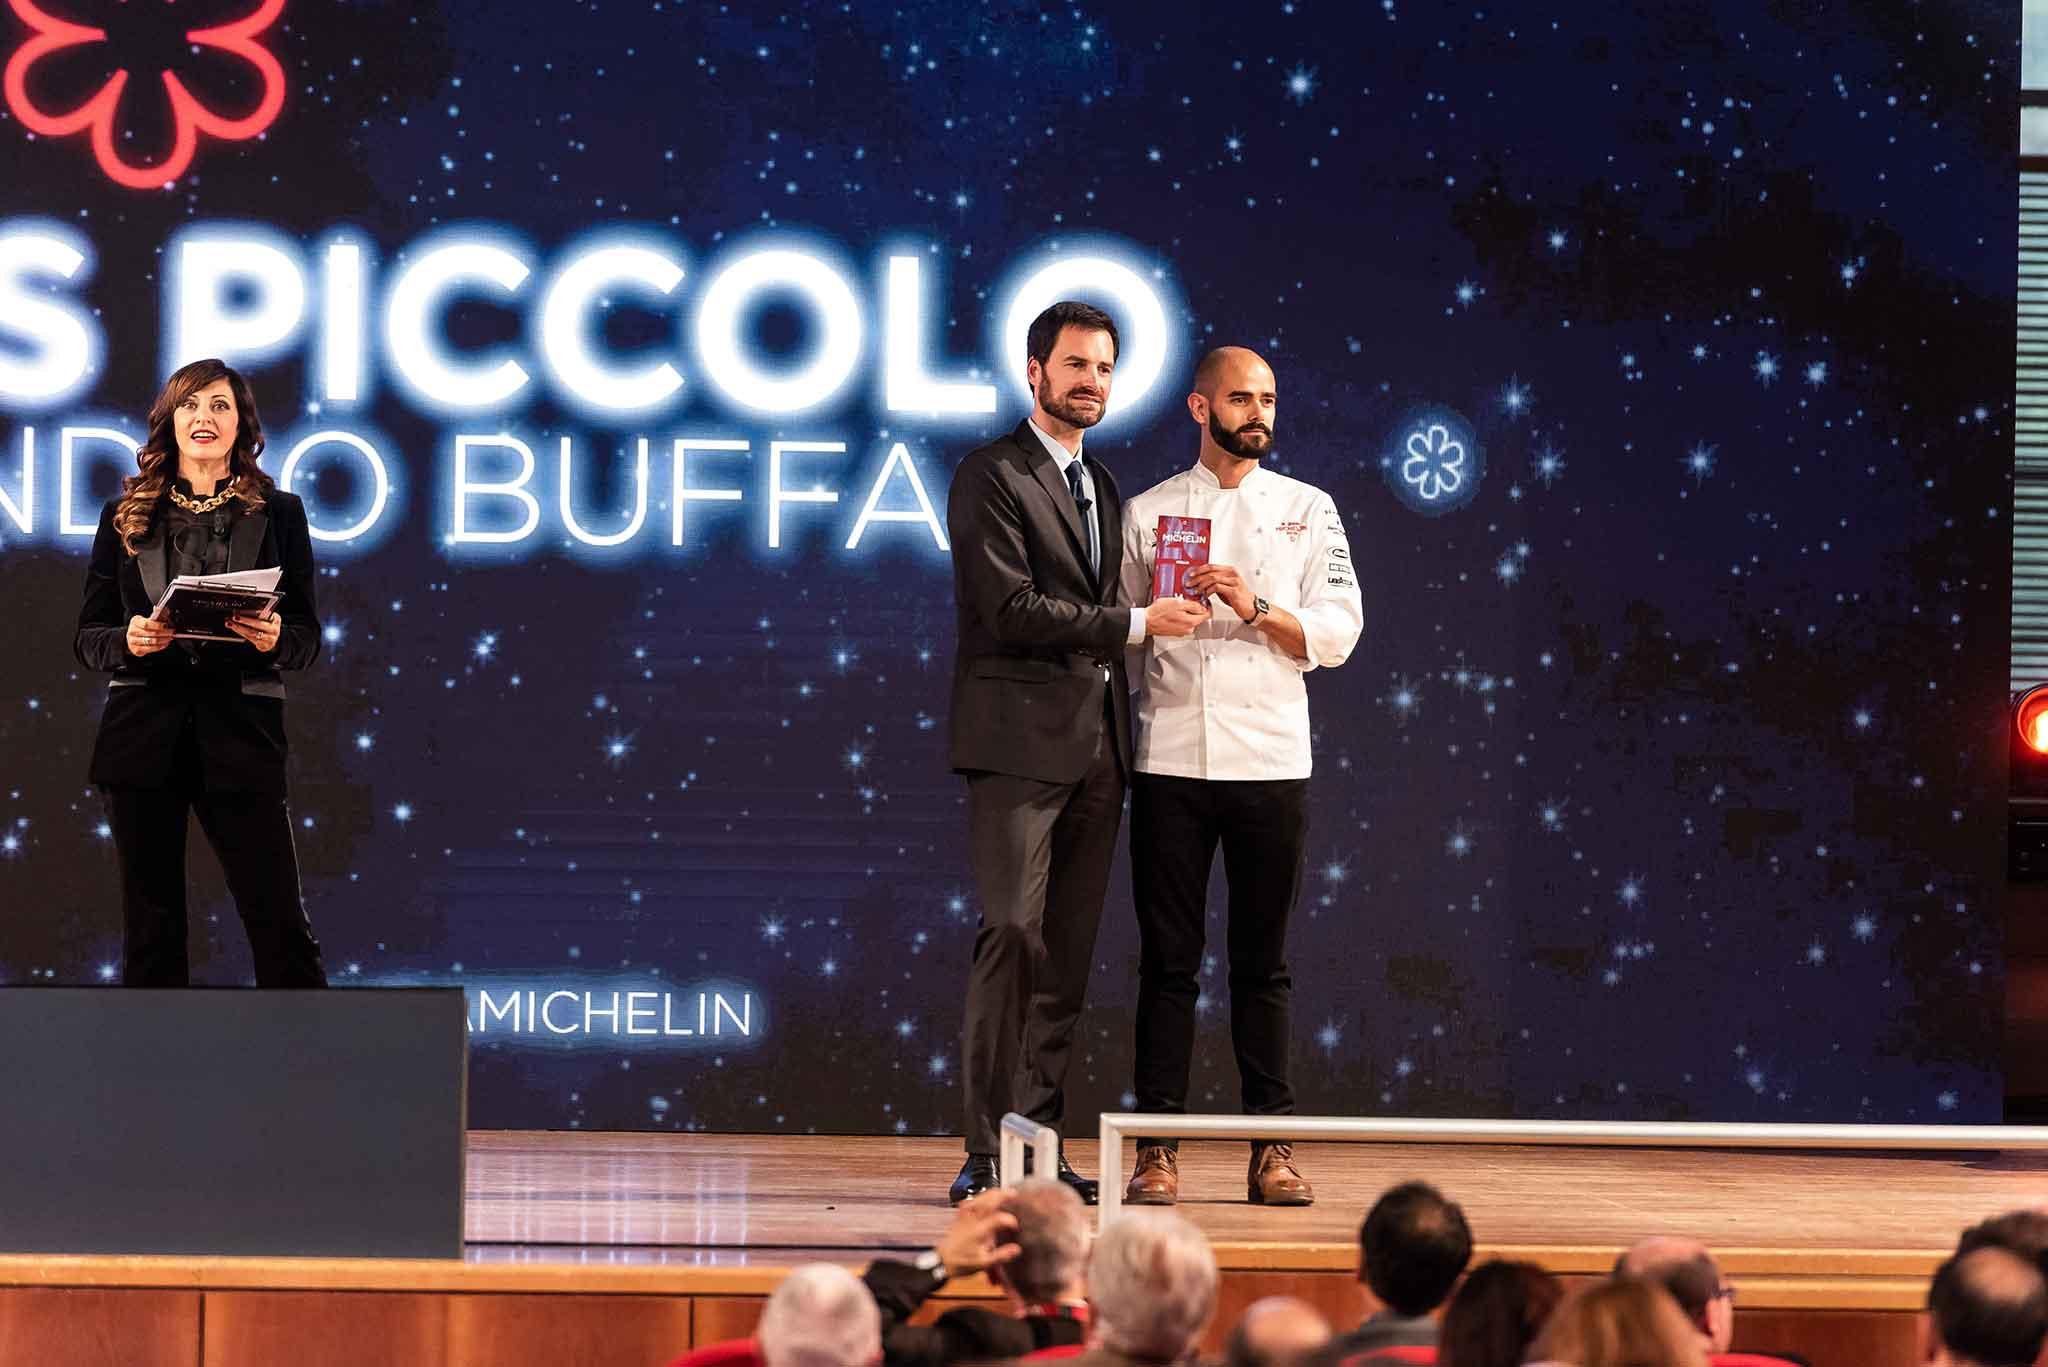 Ristorante La Credenza Michelin : Guida michelin 2019. tutti i numeri e le stelle regione per